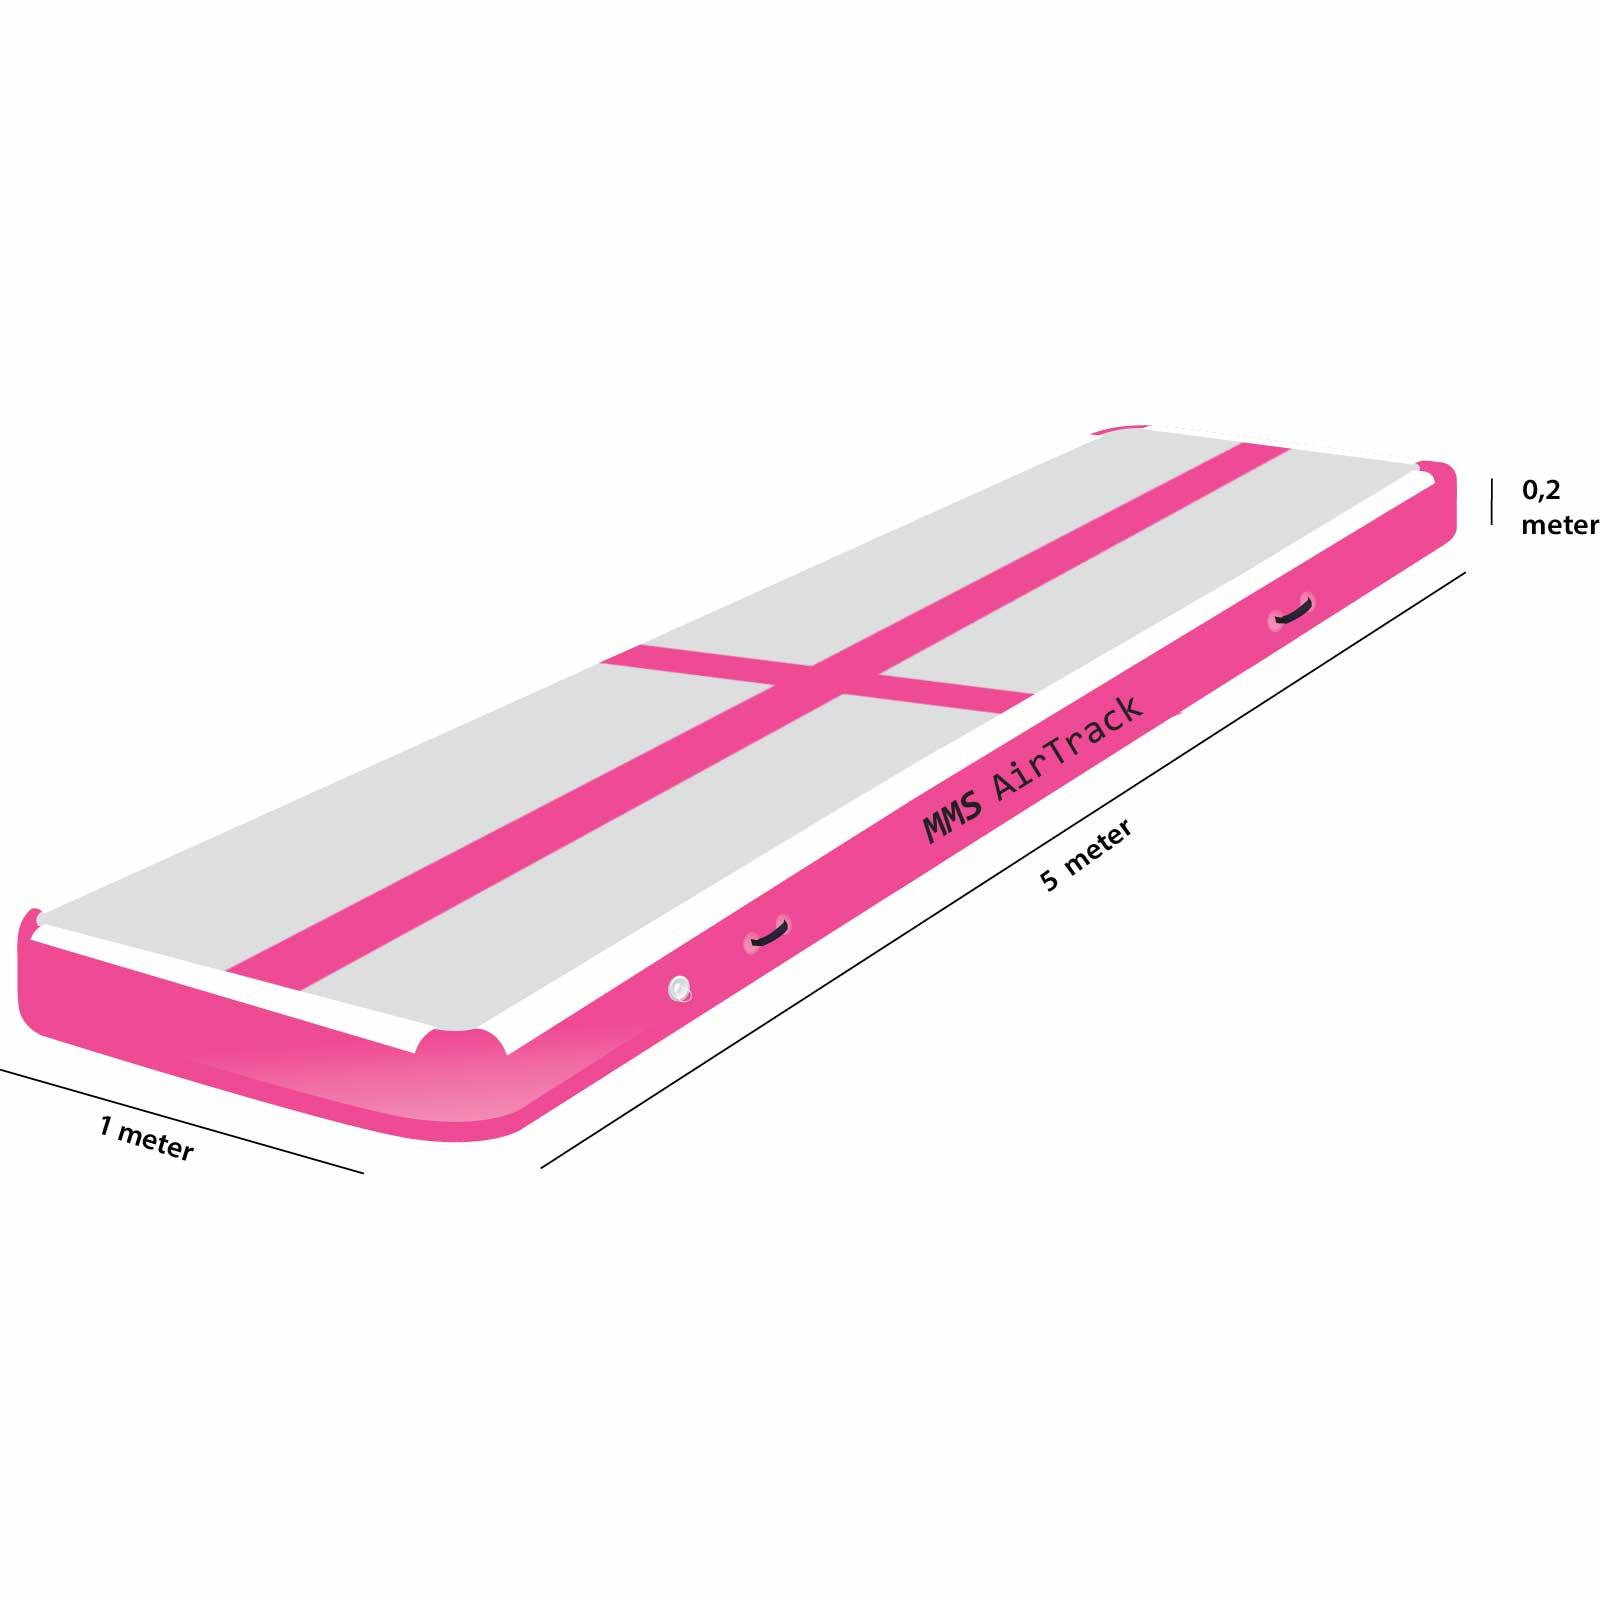 Airtrack 5 met x 1 x 0,2 roze